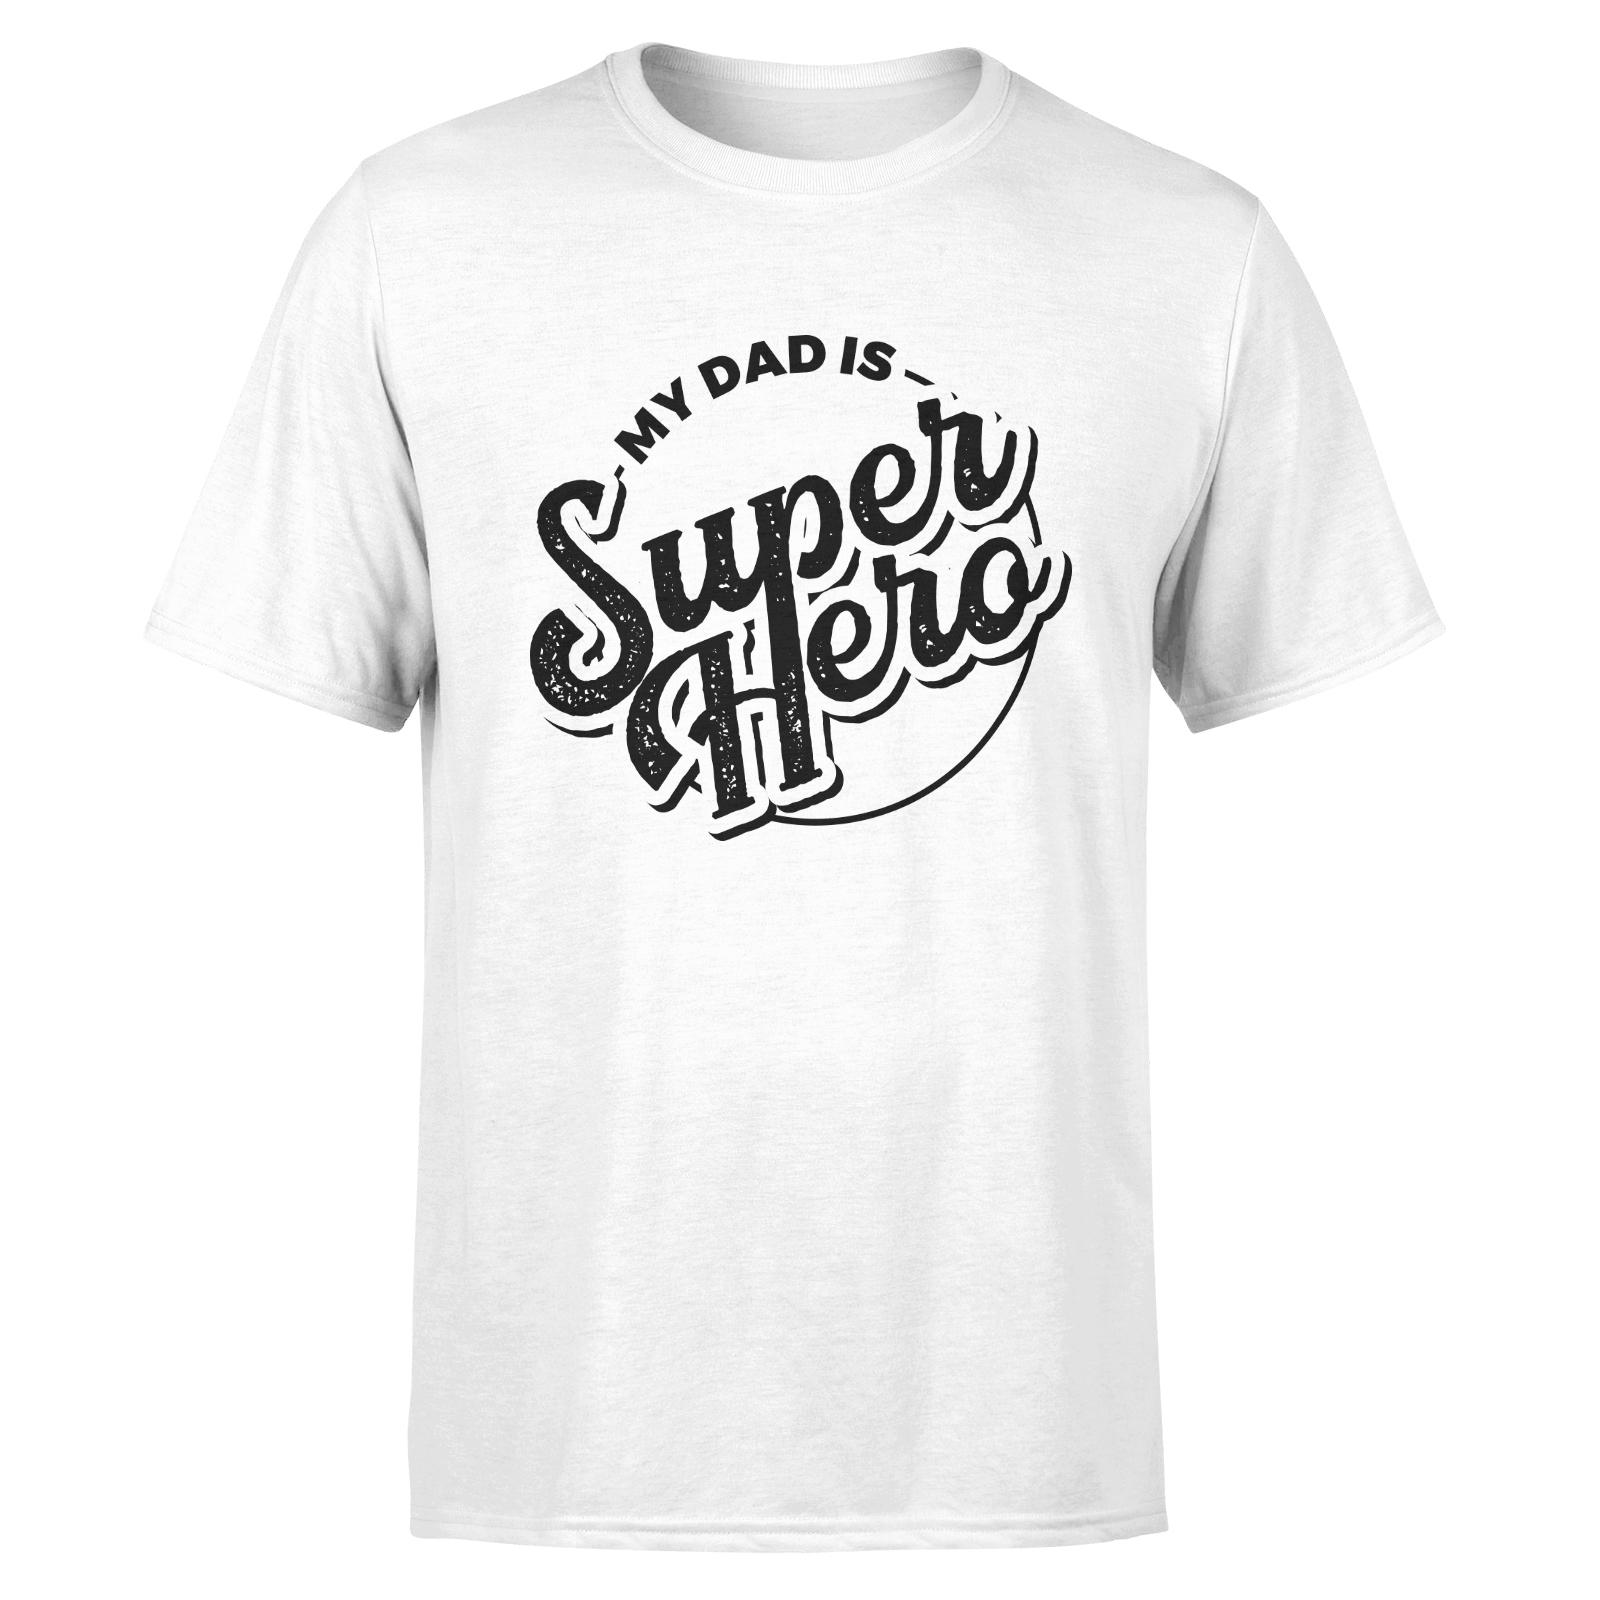 Full Size of Christliche Sprüche T Shirt Kreisliga Sprüche T Shirt Apres Ski Sprüche T Shirt Sprüche T Shirt Jga Frauen Küche Sprüche T Shirt